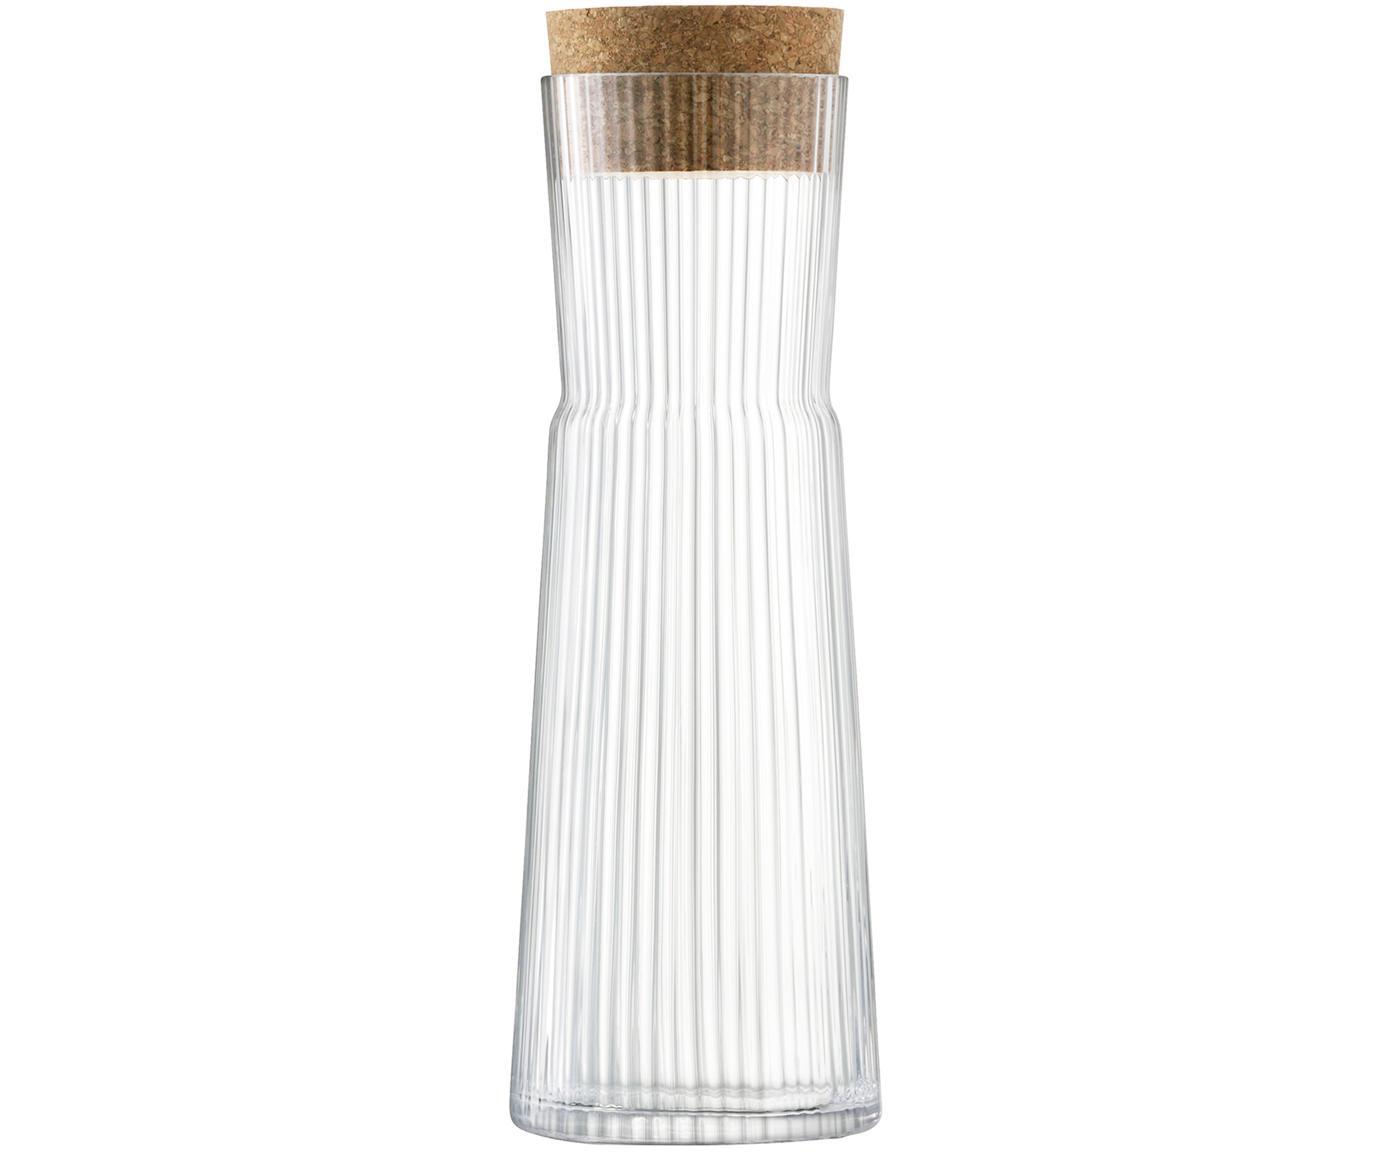 Karafka Gio Line, Transparentny, korek, Ø 10 x W 30 cm